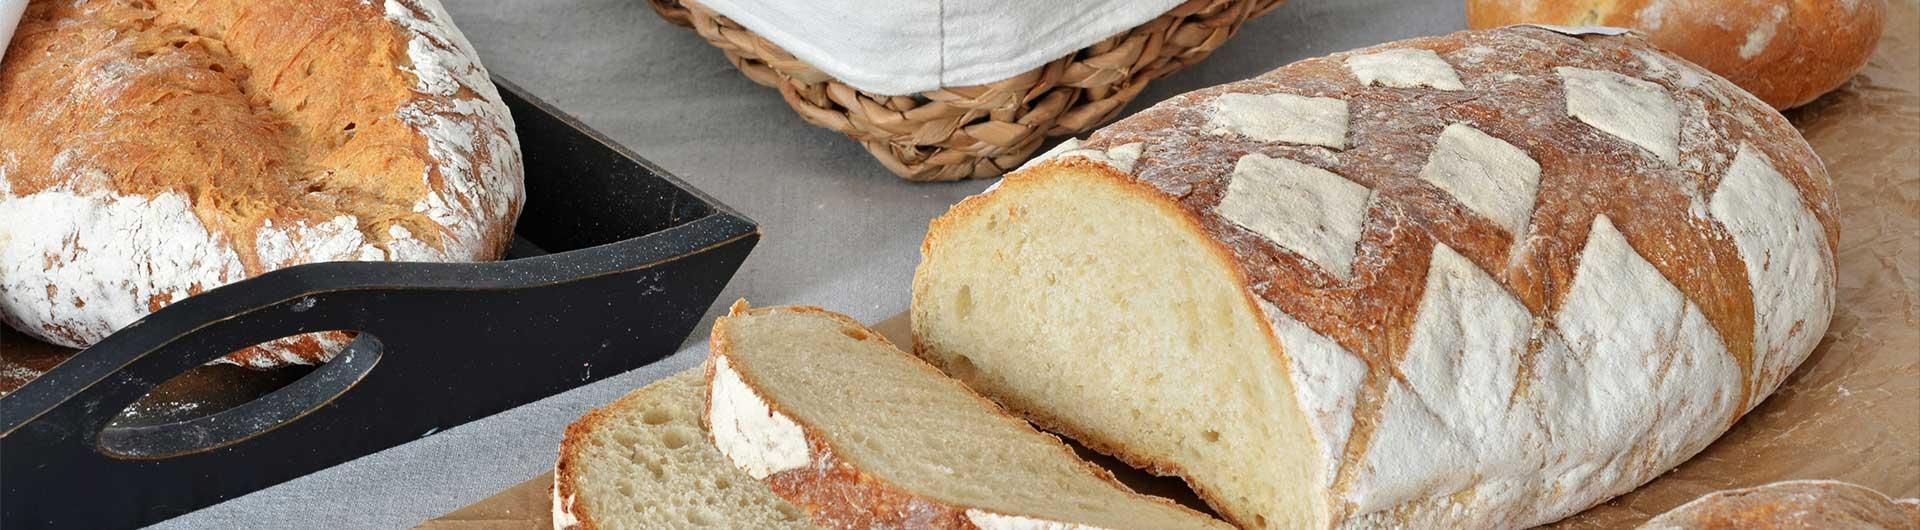 Piekarnia i Cukiernia Pietryga - Radzionków - Nasze produkty